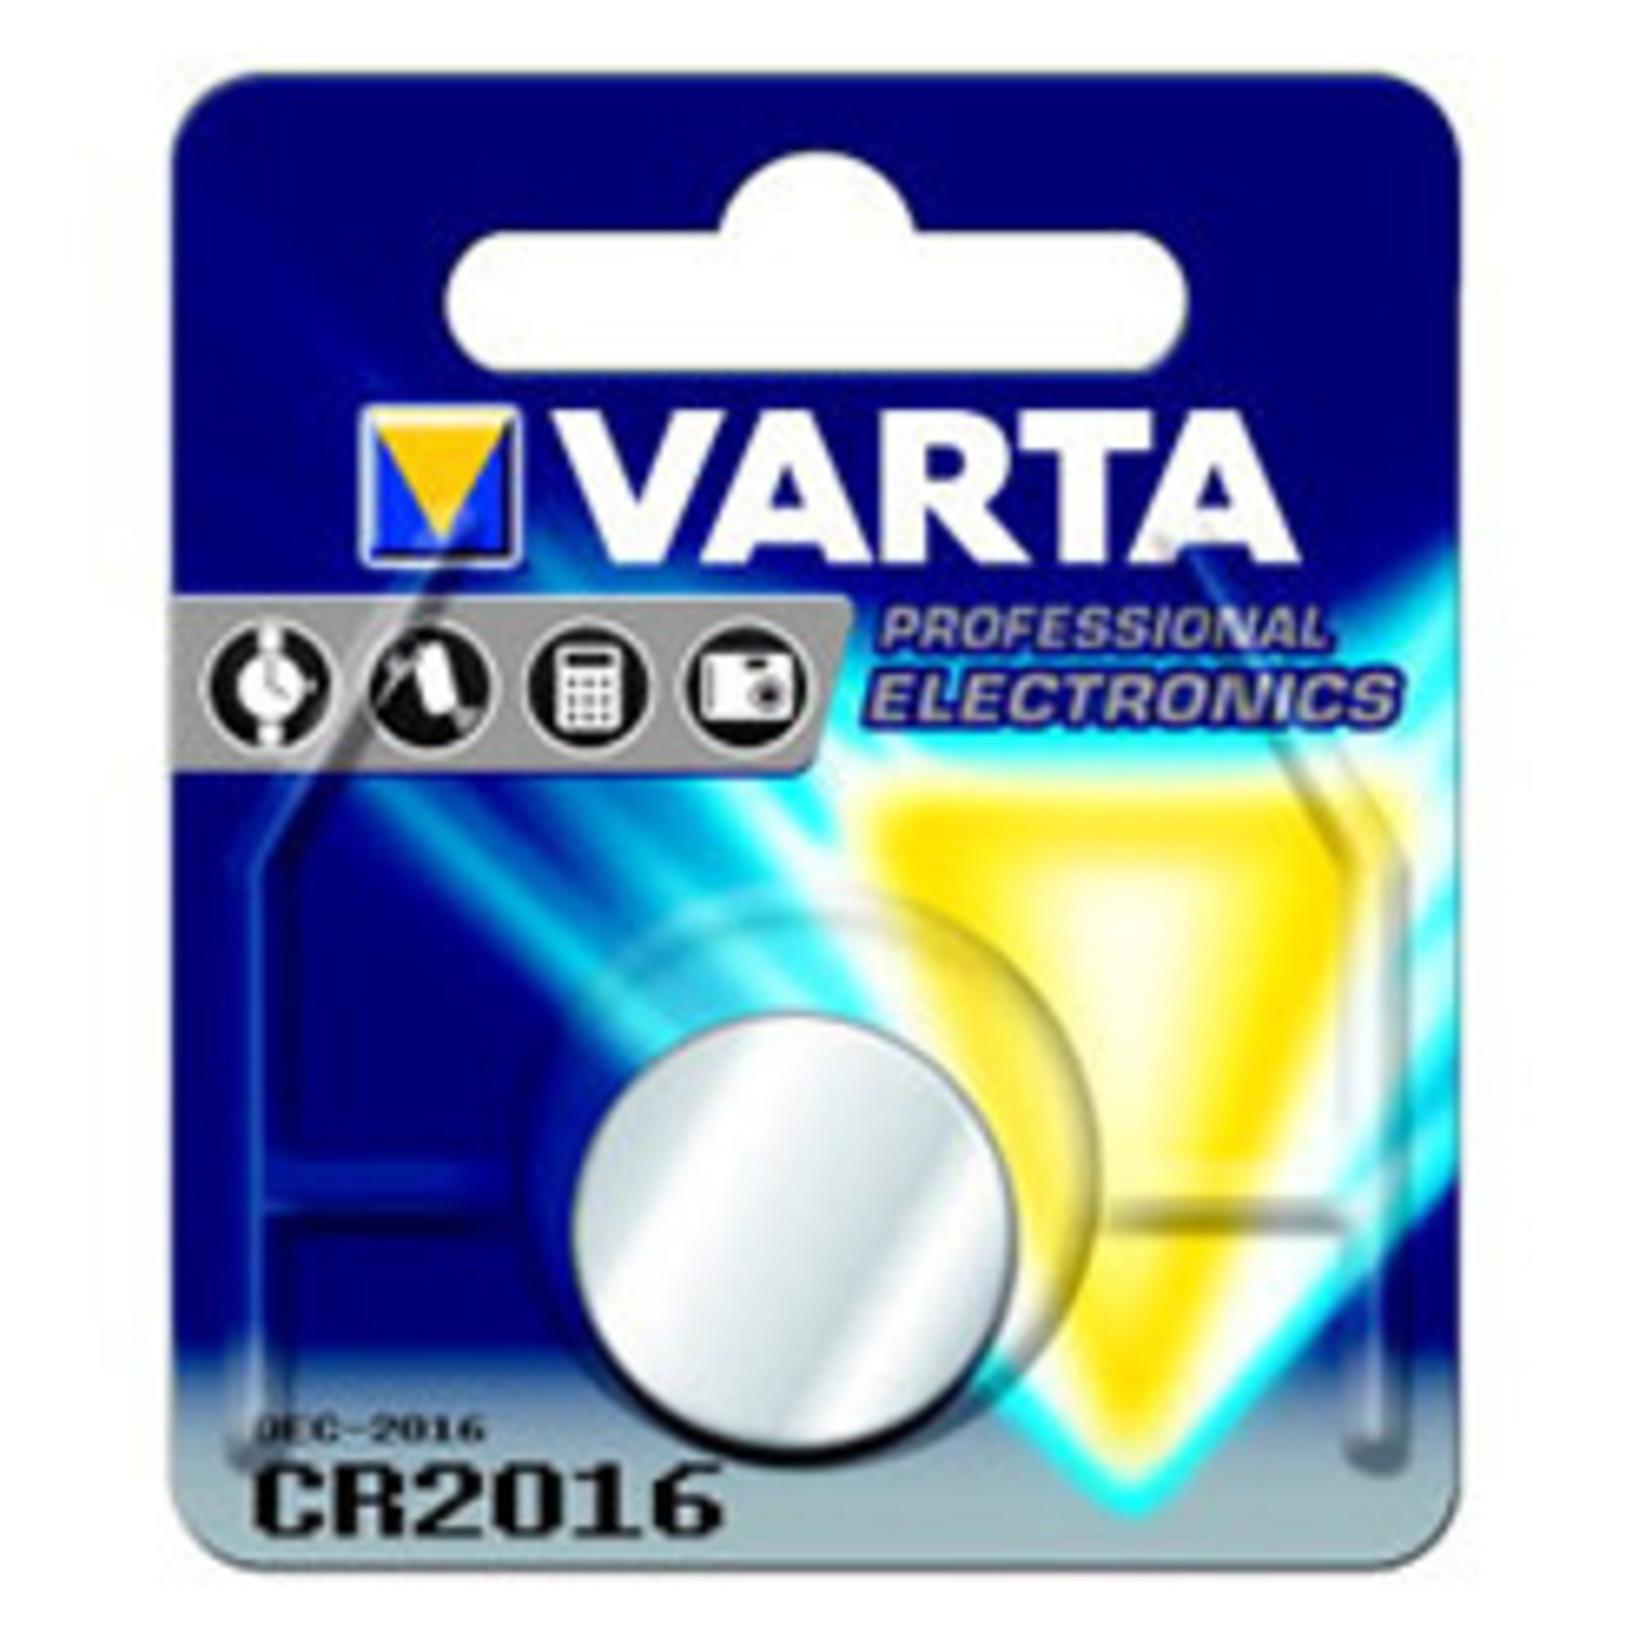 Varta Varta CR2016